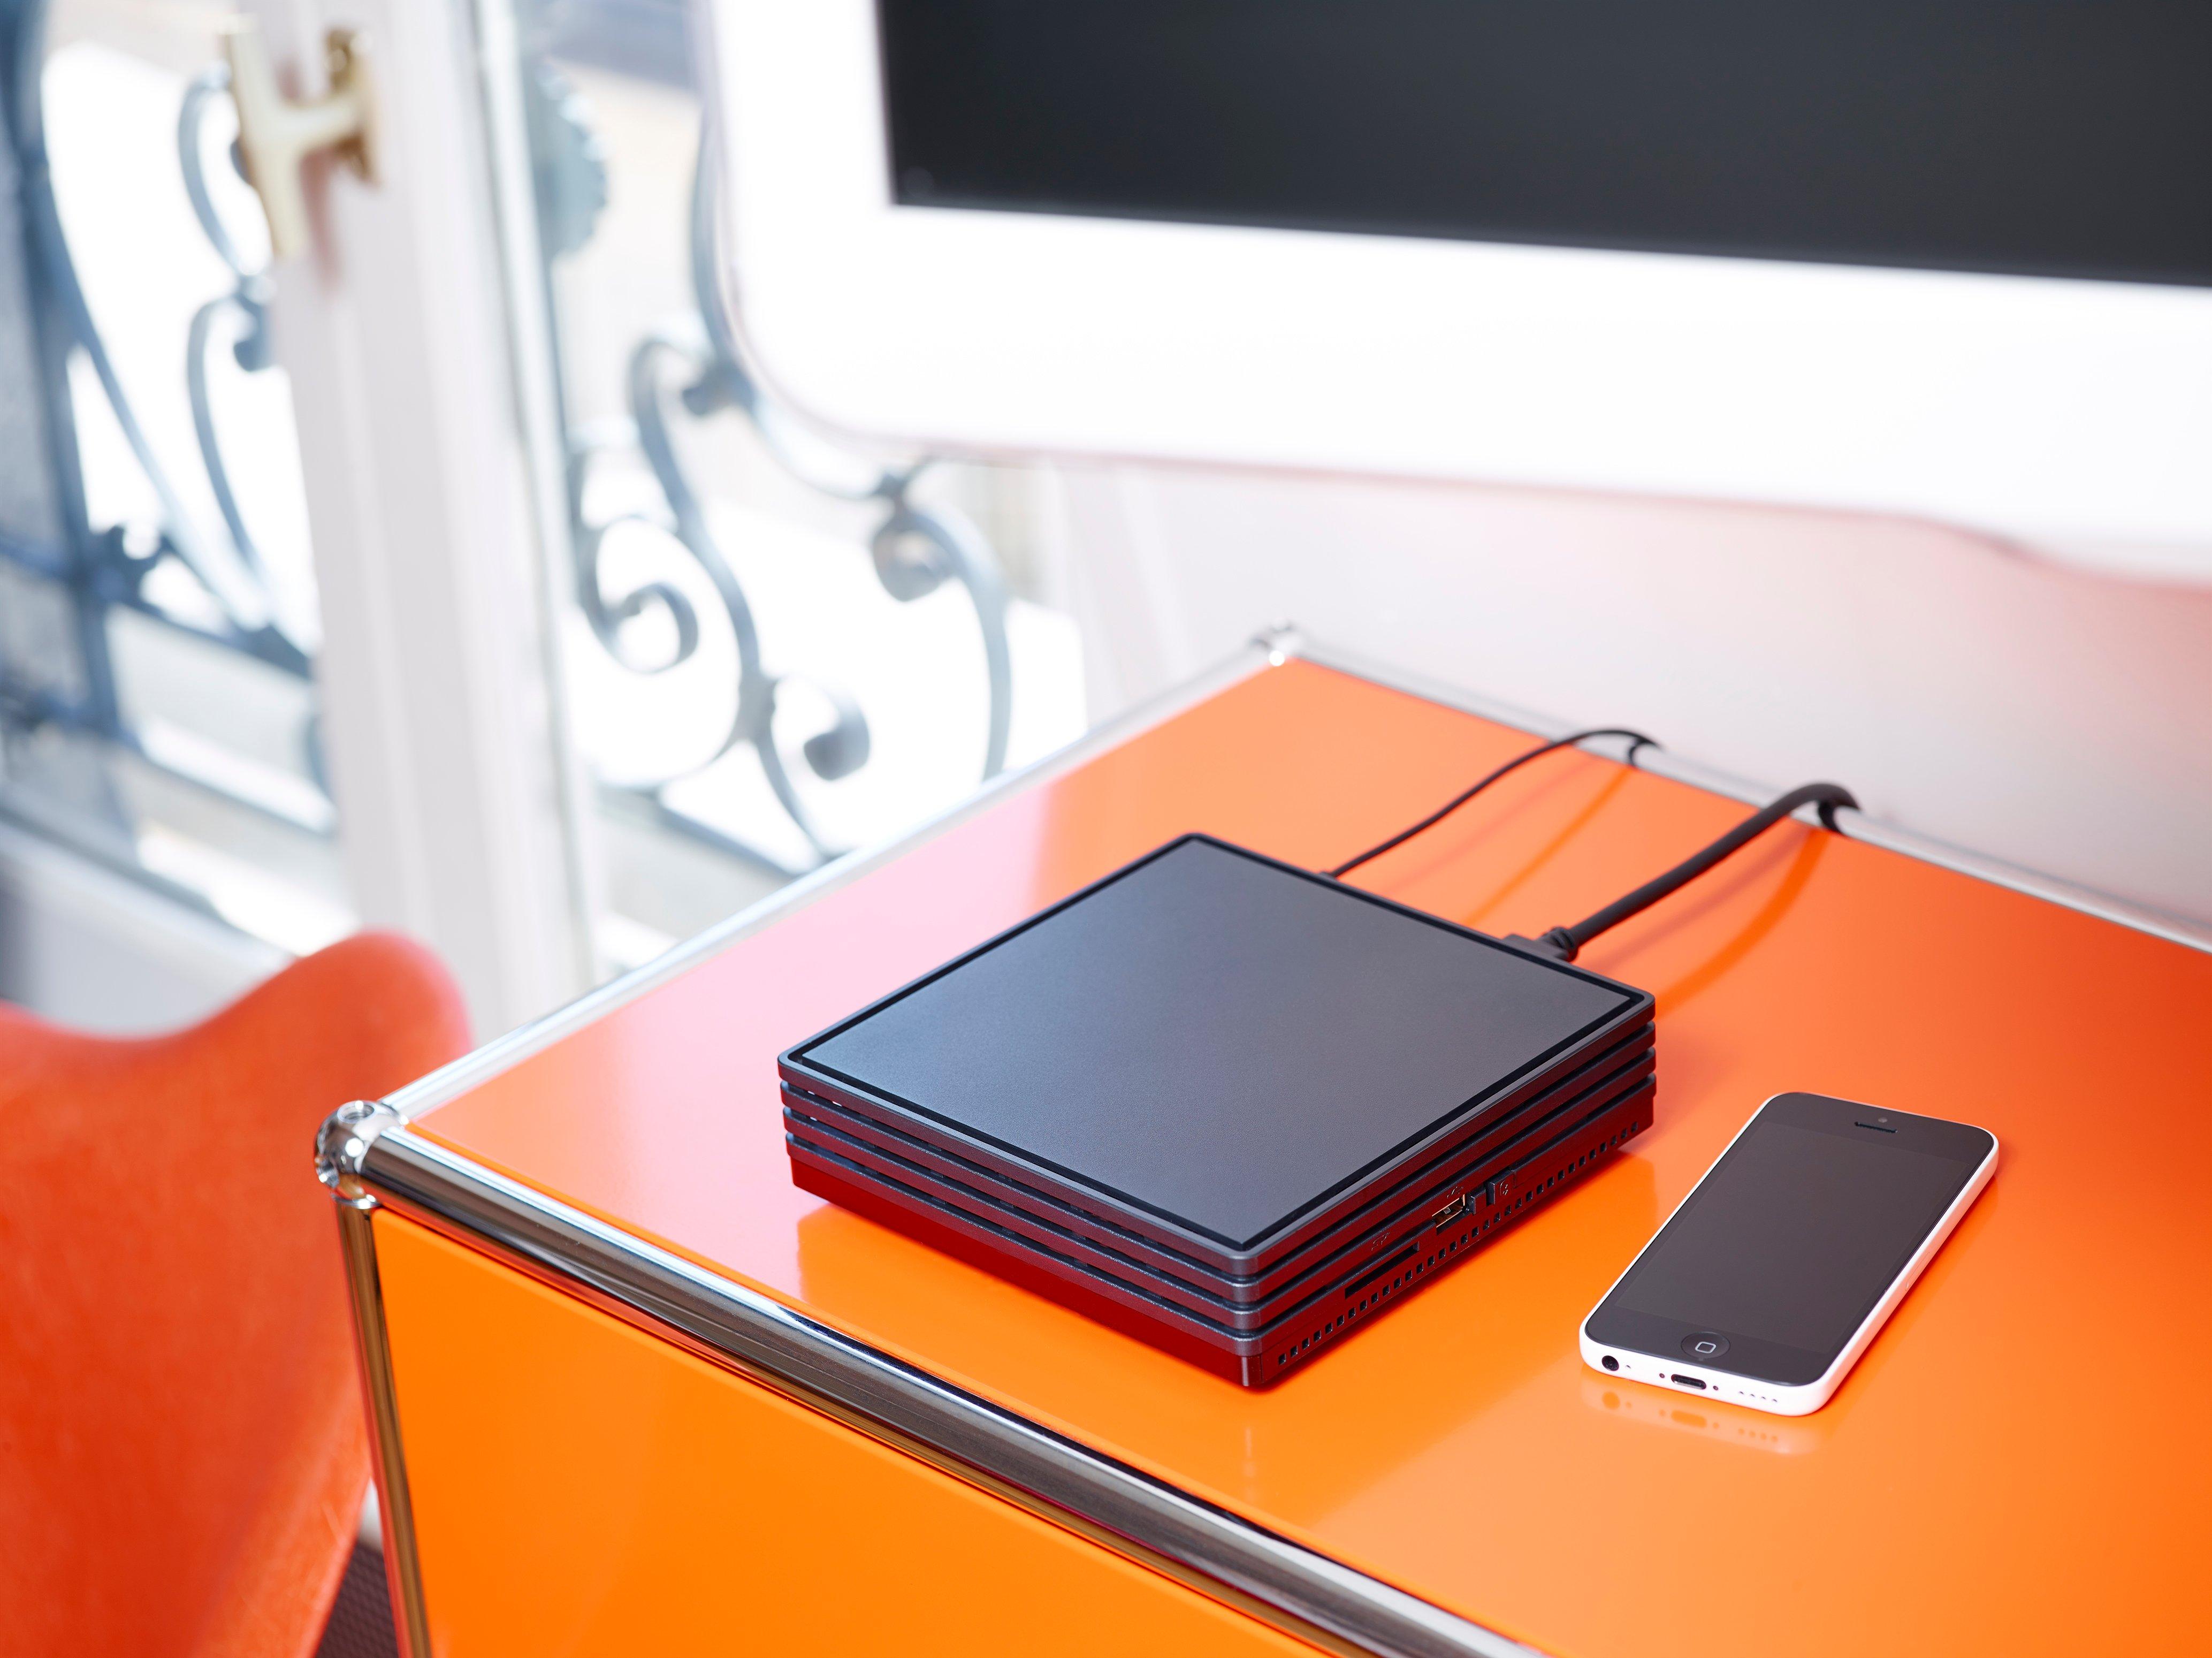 bbox miami sera disponible d s janvier prochain d abord pour les abonn s de bouygues telecom. Black Bedroom Furniture Sets. Home Design Ideas